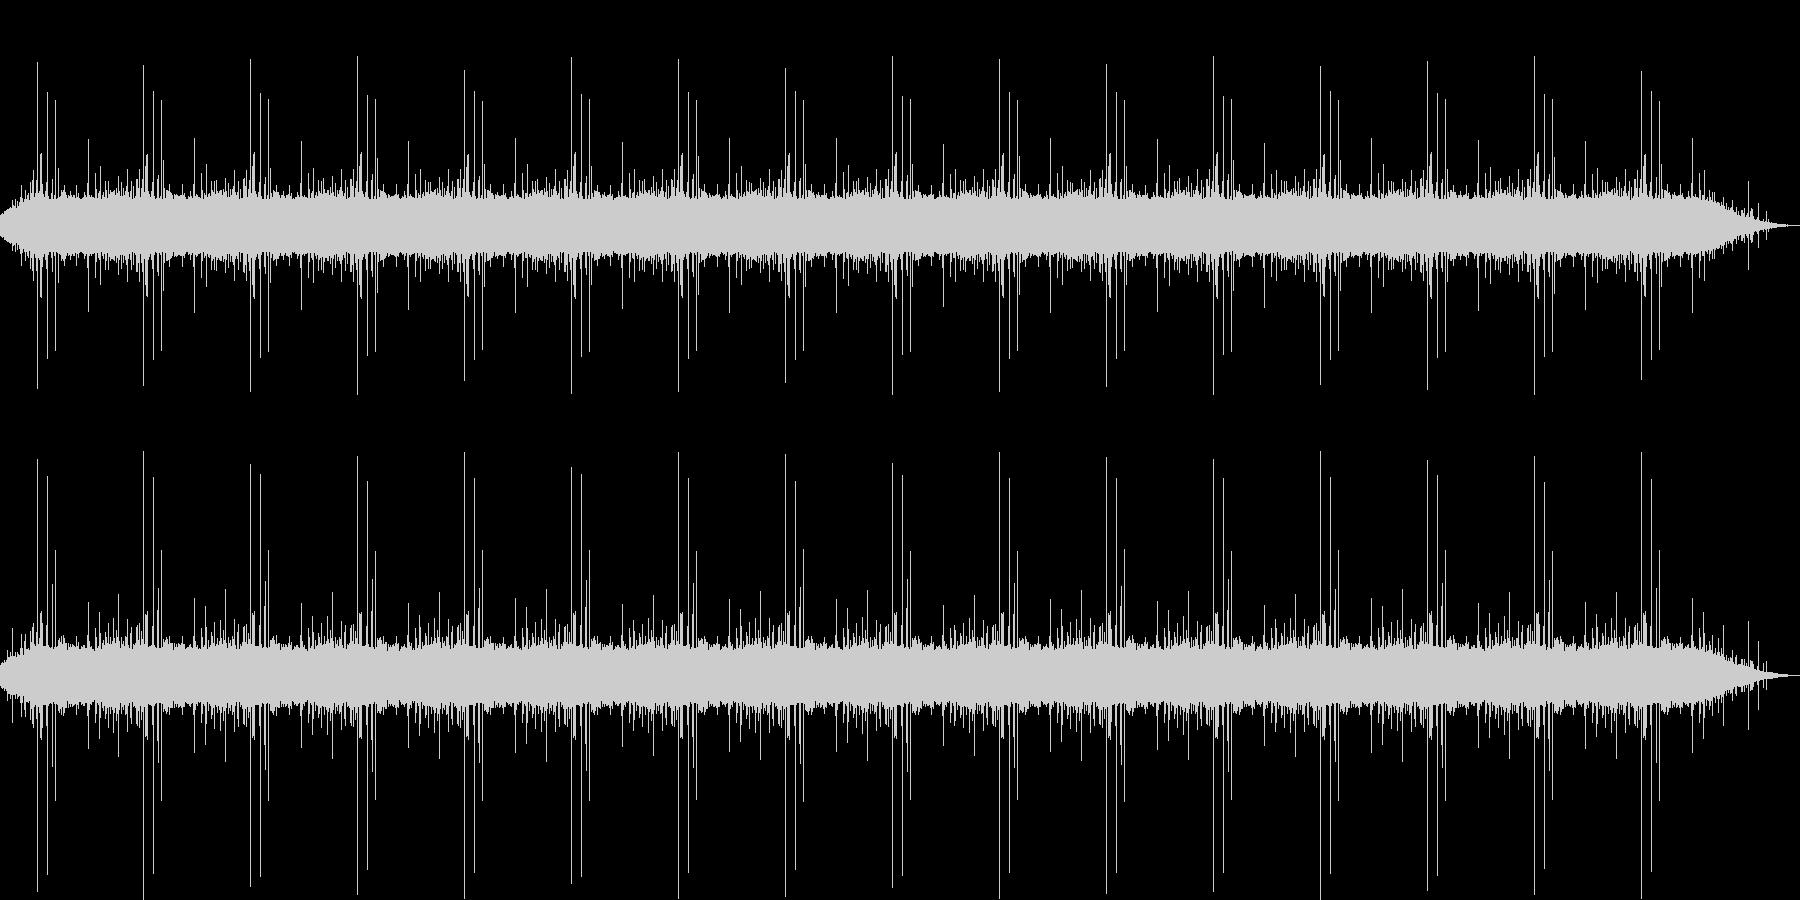 湖のほとりでレコーディングされた自然音の未再生の波形